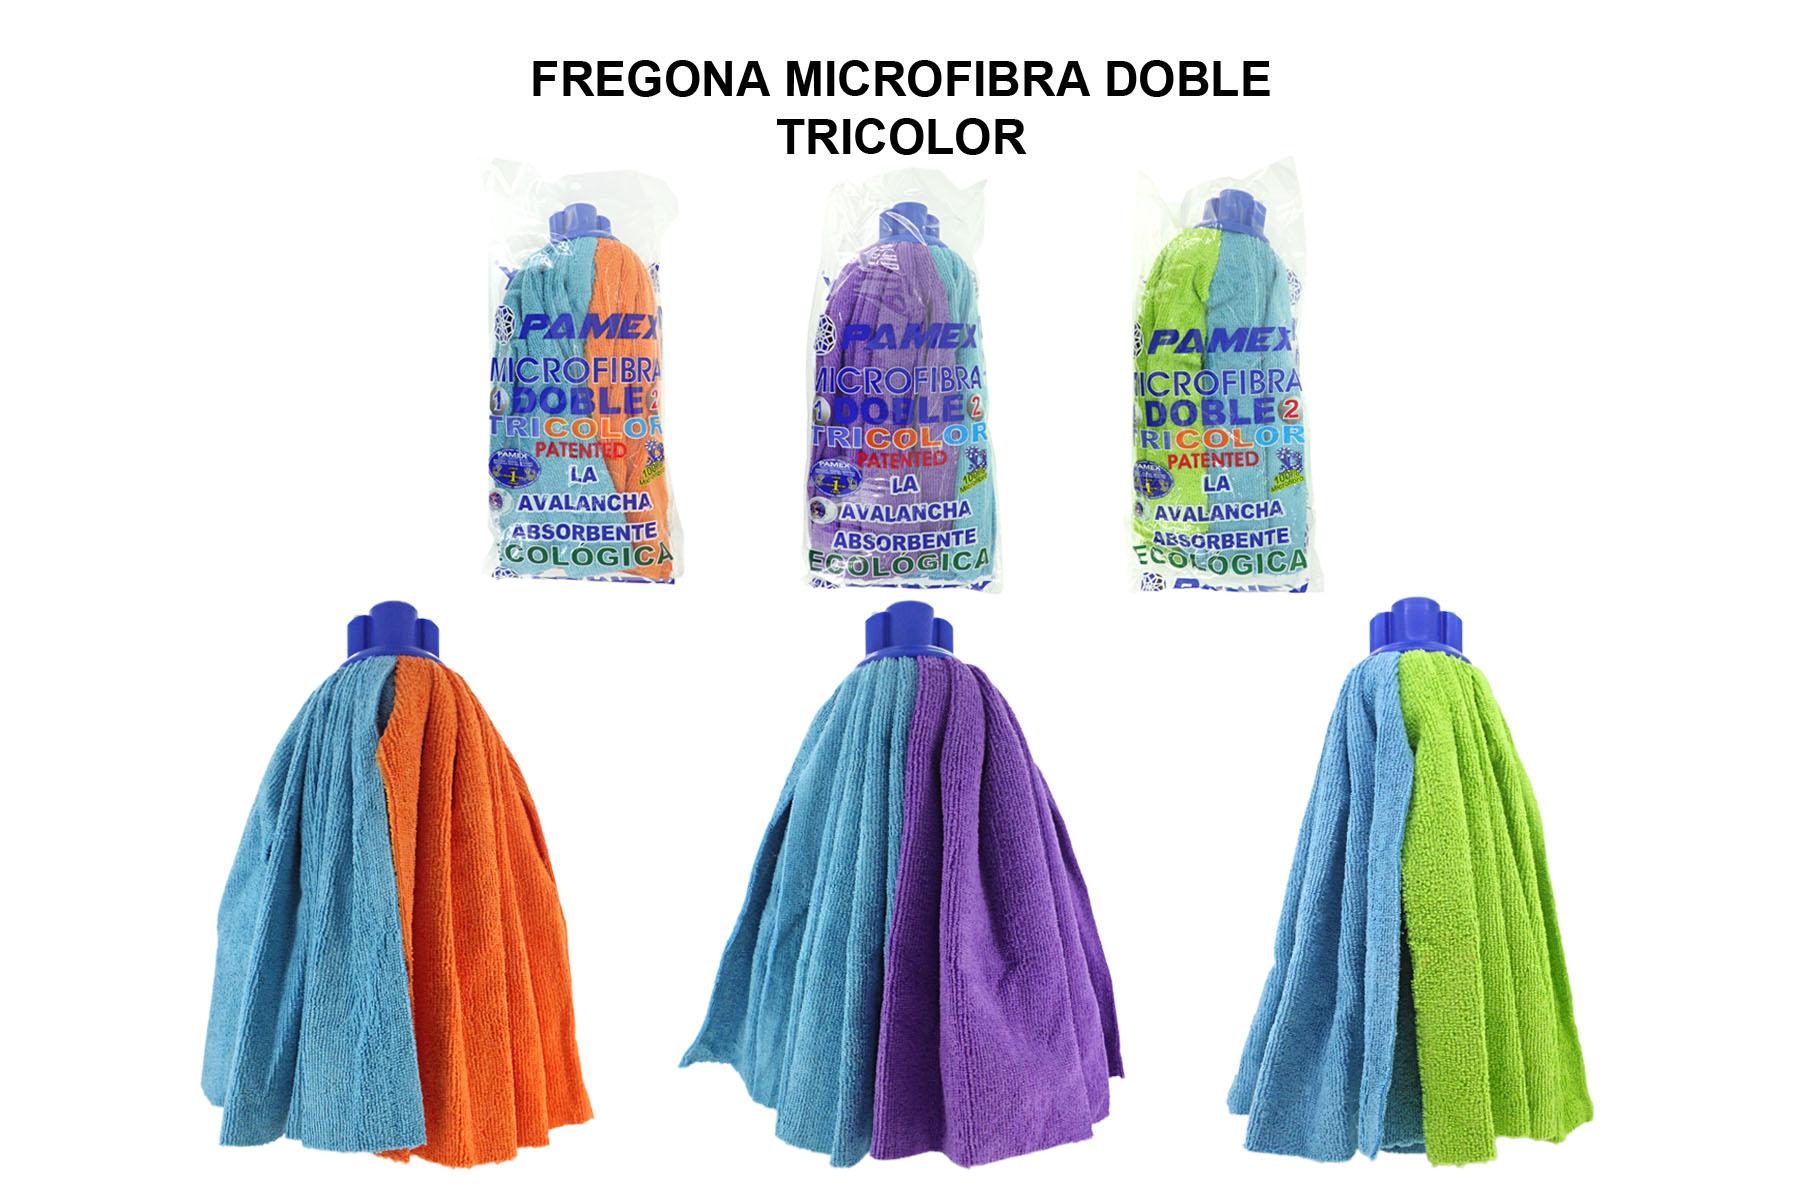 FREGONA MICROFIBRA DOBLE TRICOLOR